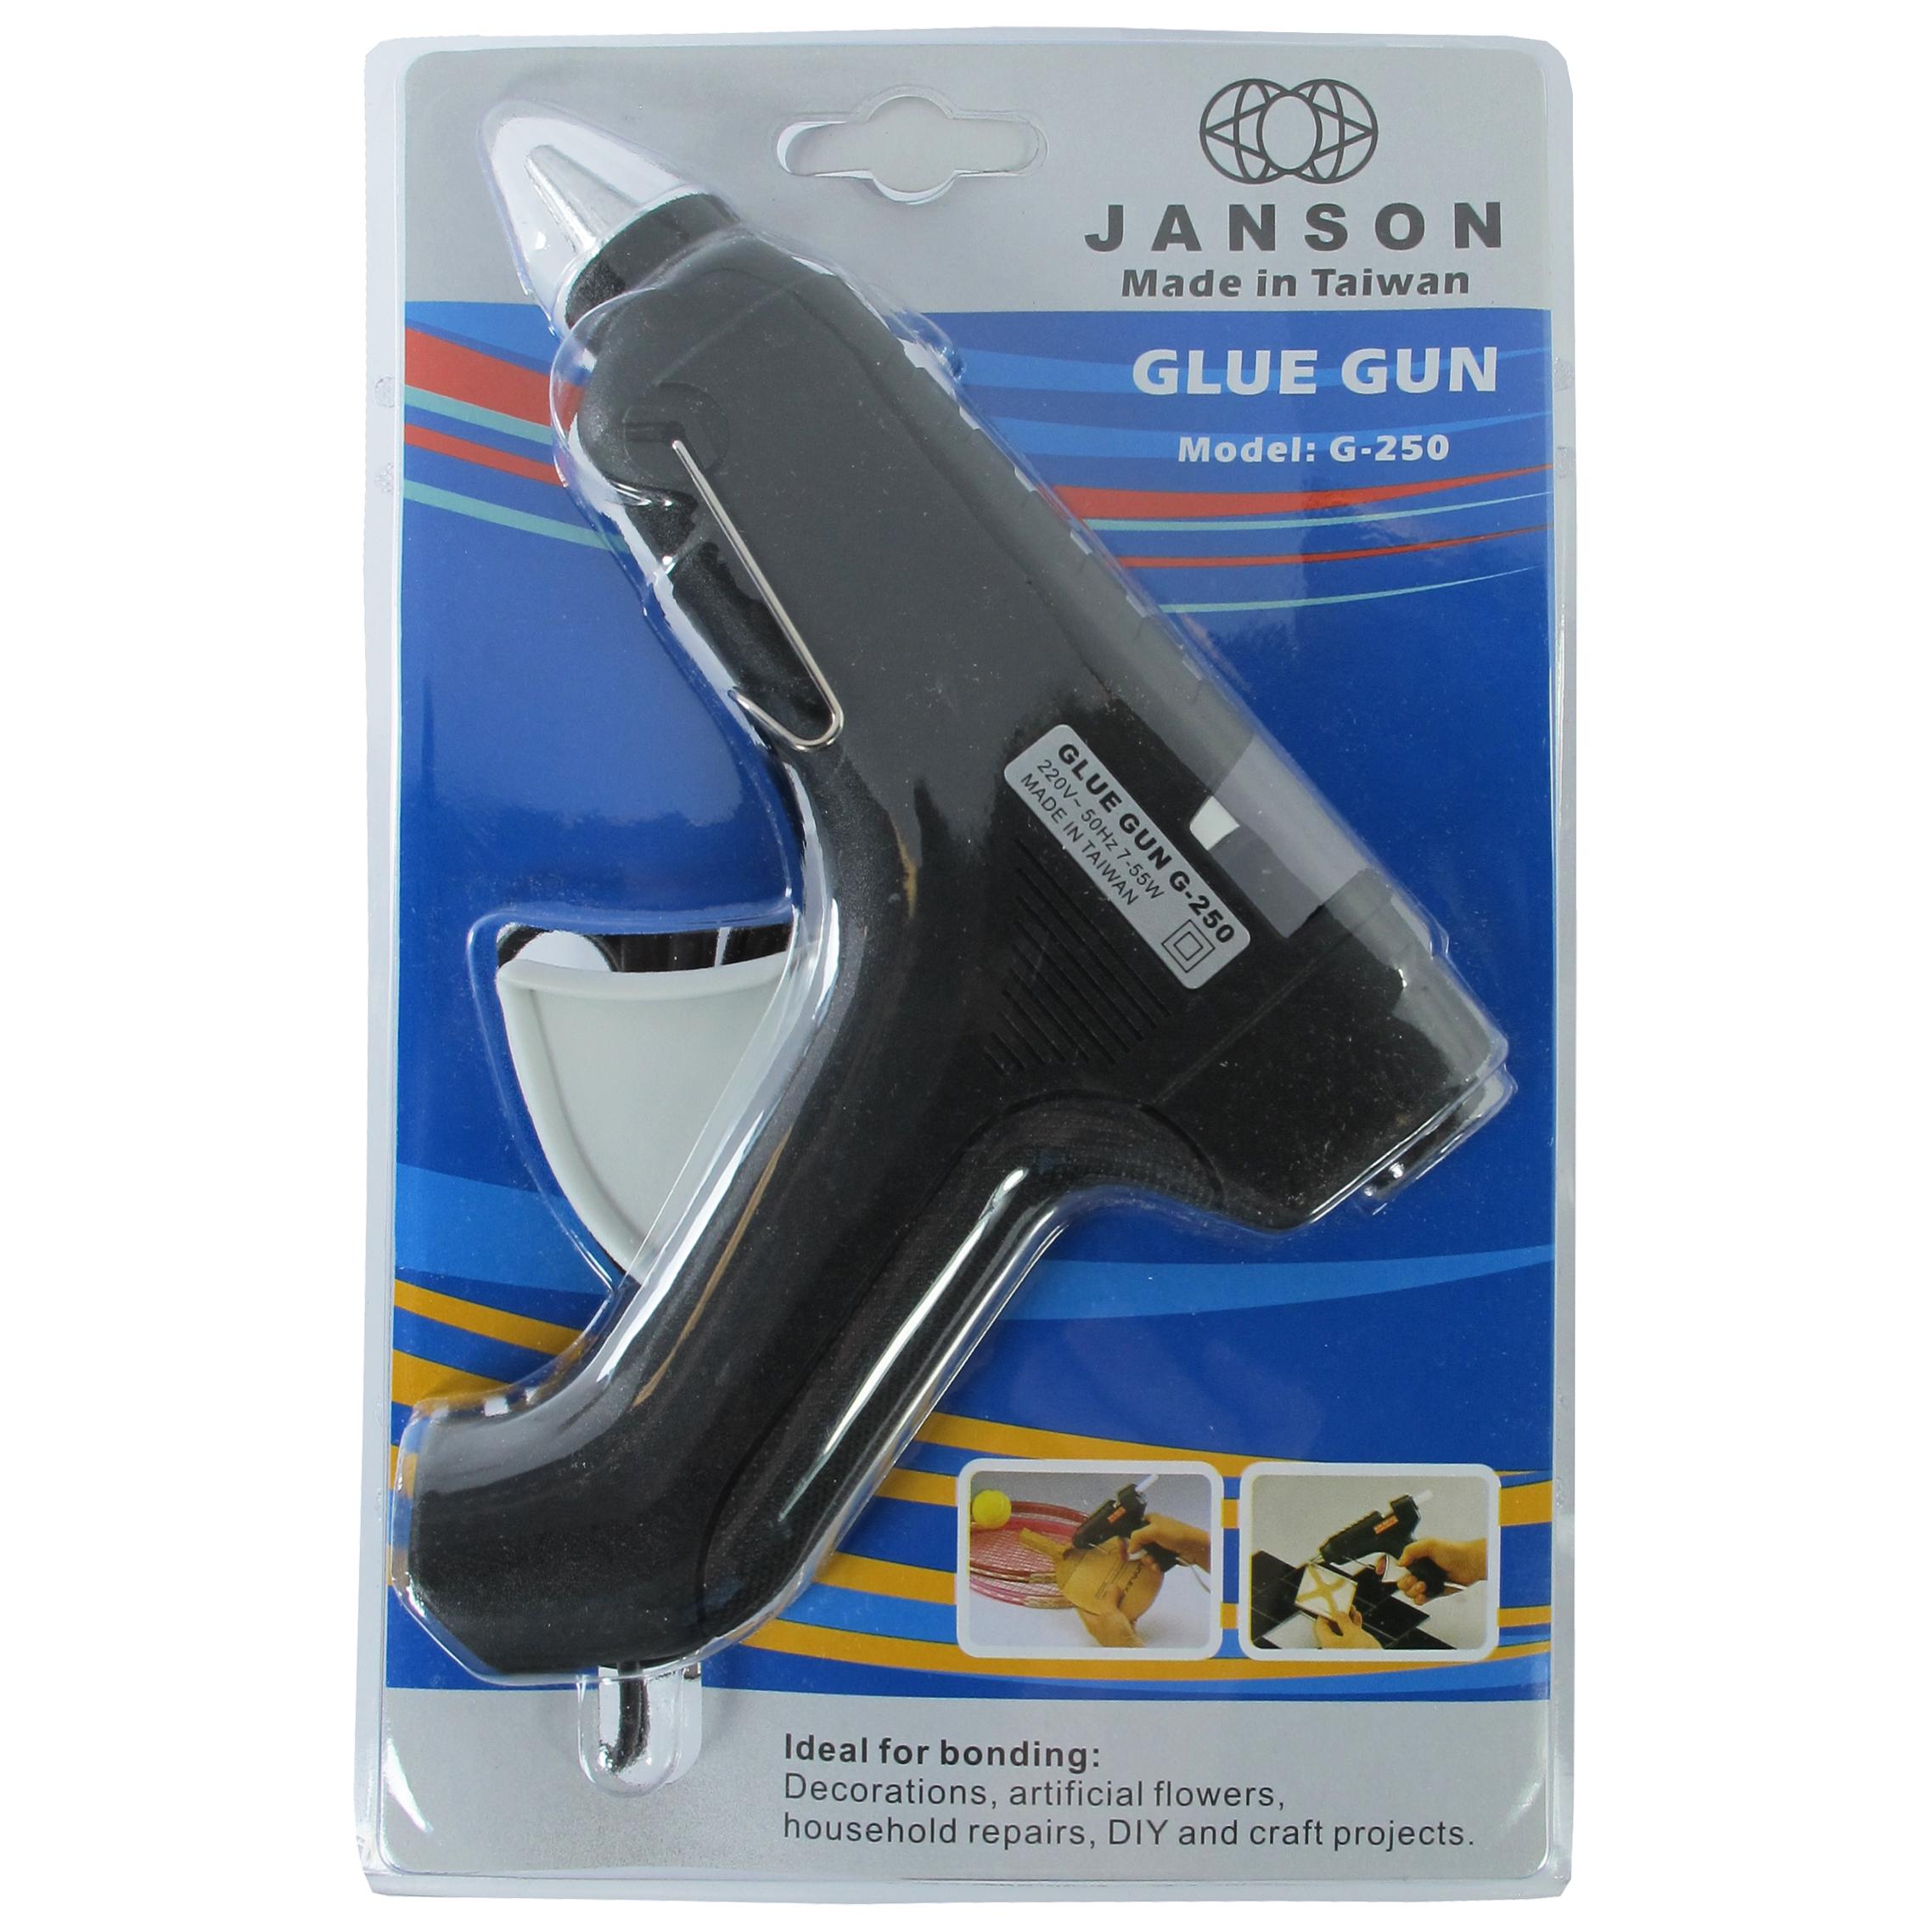 دستگاه چسب تفنگی جانسون  مدل G-250 main 1 2